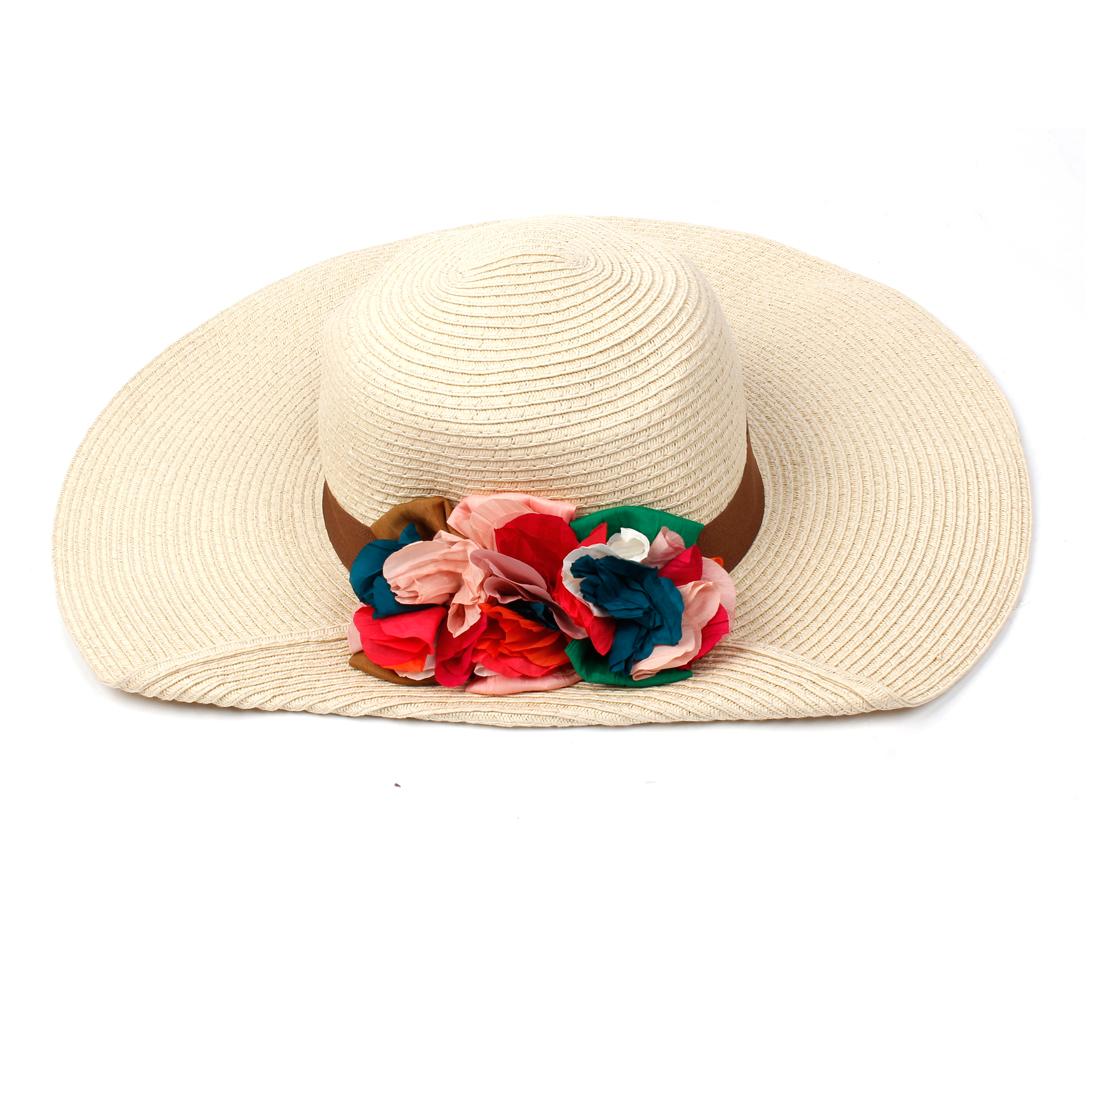 Lady Flower Design Ruched Wide Brim Style Straw Hat Beige